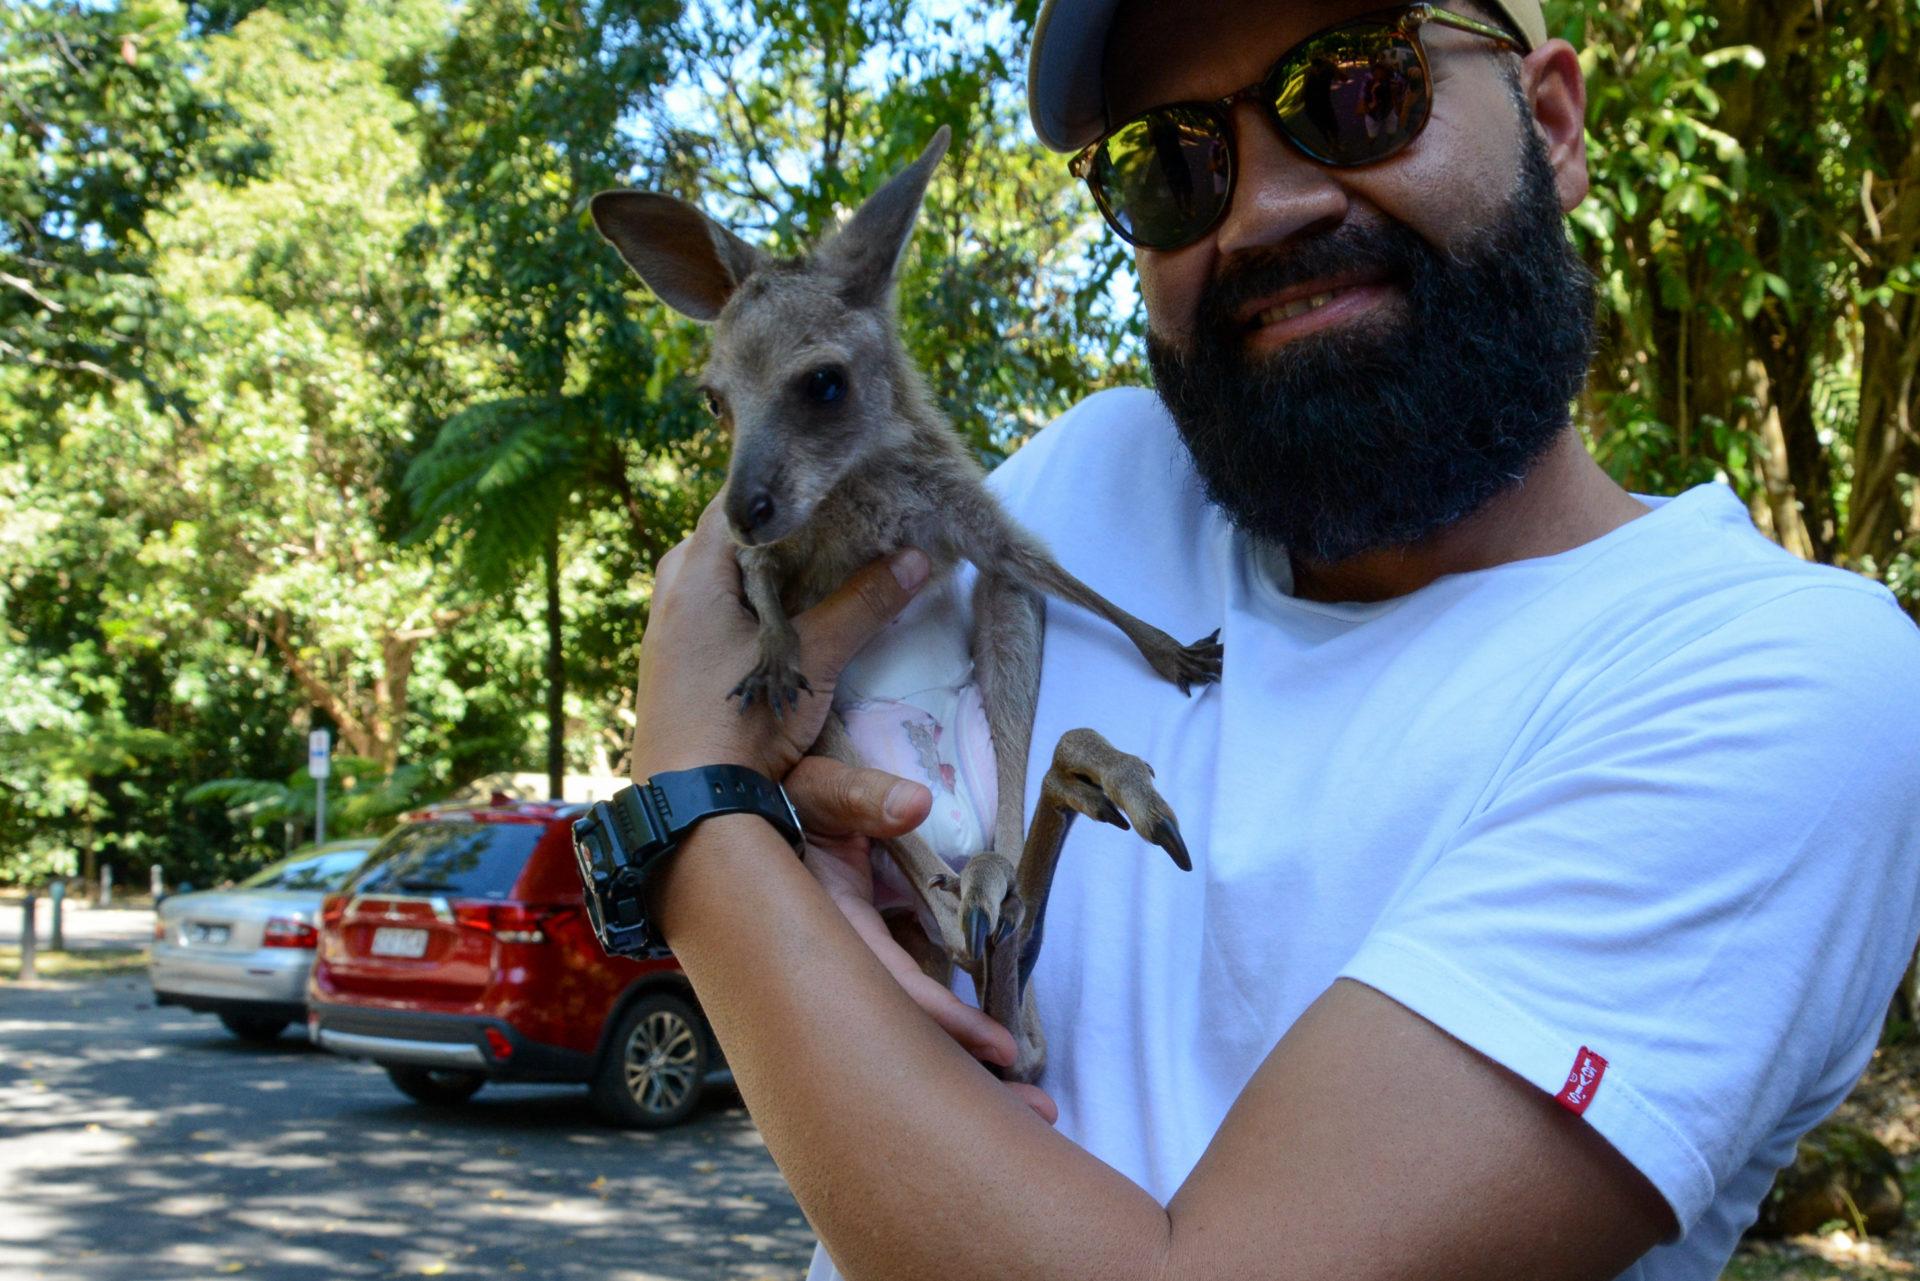 Ein ehemals verletztes Wallaby auf dem Arm von Ziehvater John in Queensland